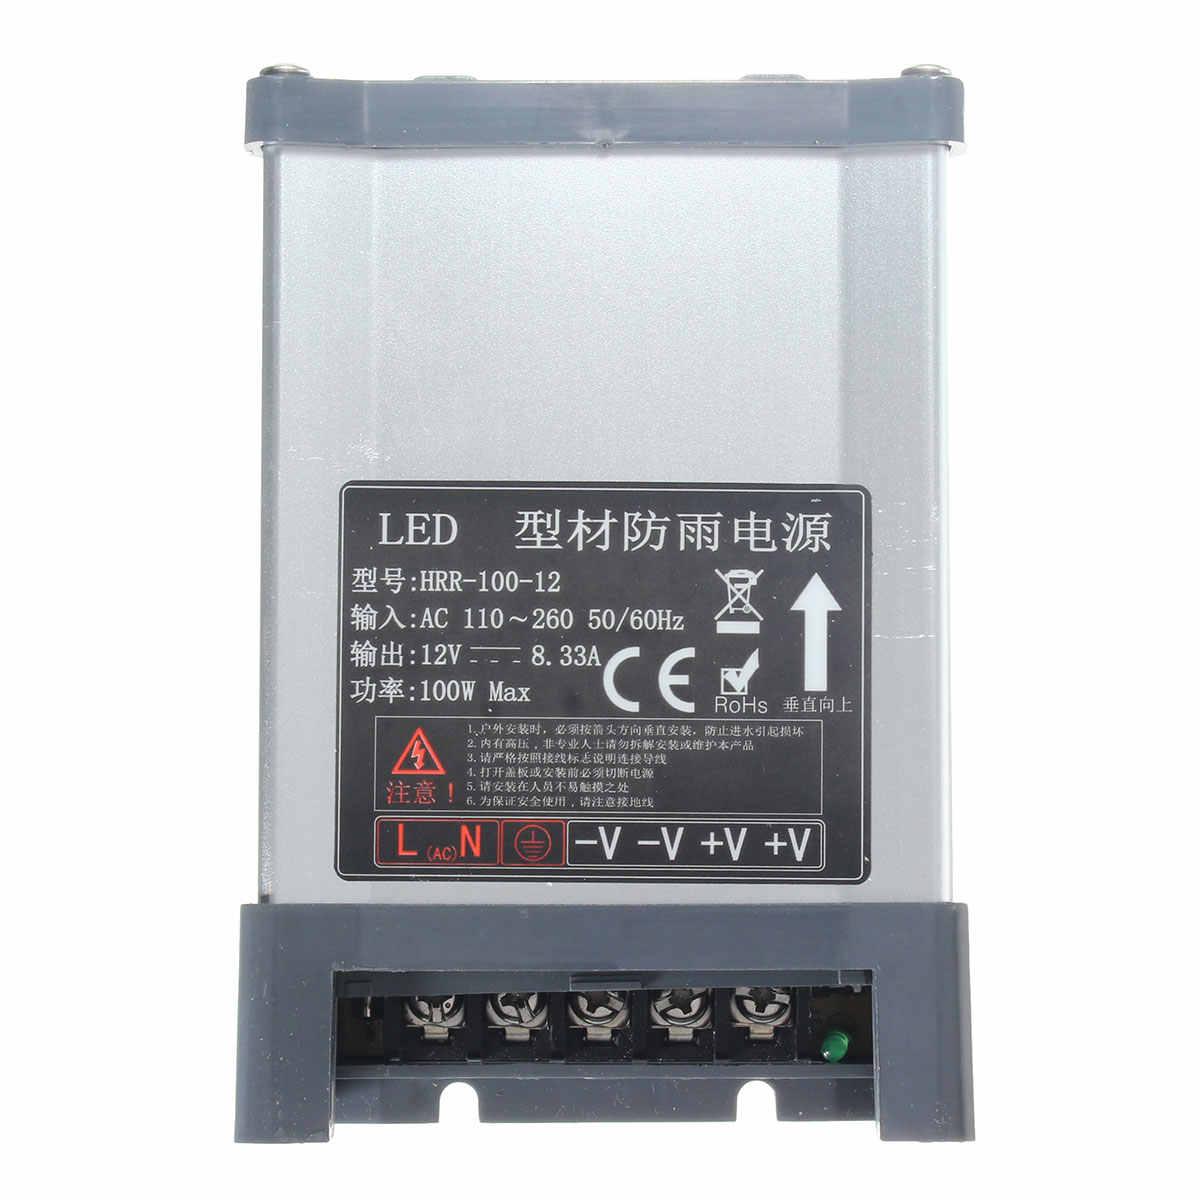 Smuxi IP65 AC 100 V-264 V do DC 12 V 100 W przełączania sterownik LED adapter zasilania do taśmy LED światła